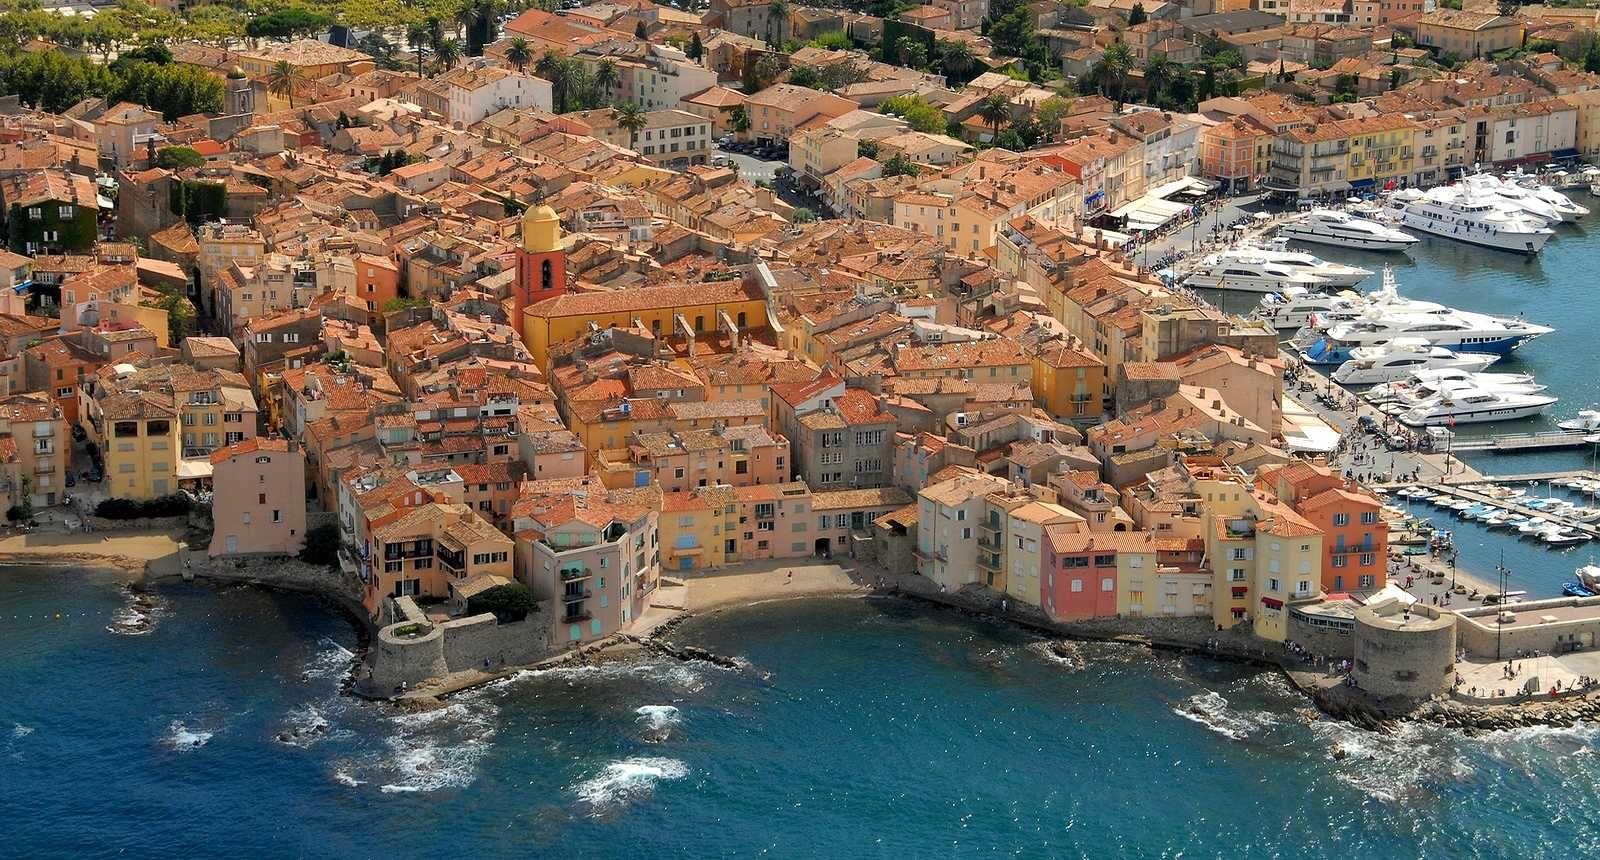 La Tarte Tropezienne 60 Eves A Cote D Azur Ikonikus Sutije St Tropez France Saint Tropez French Riviera